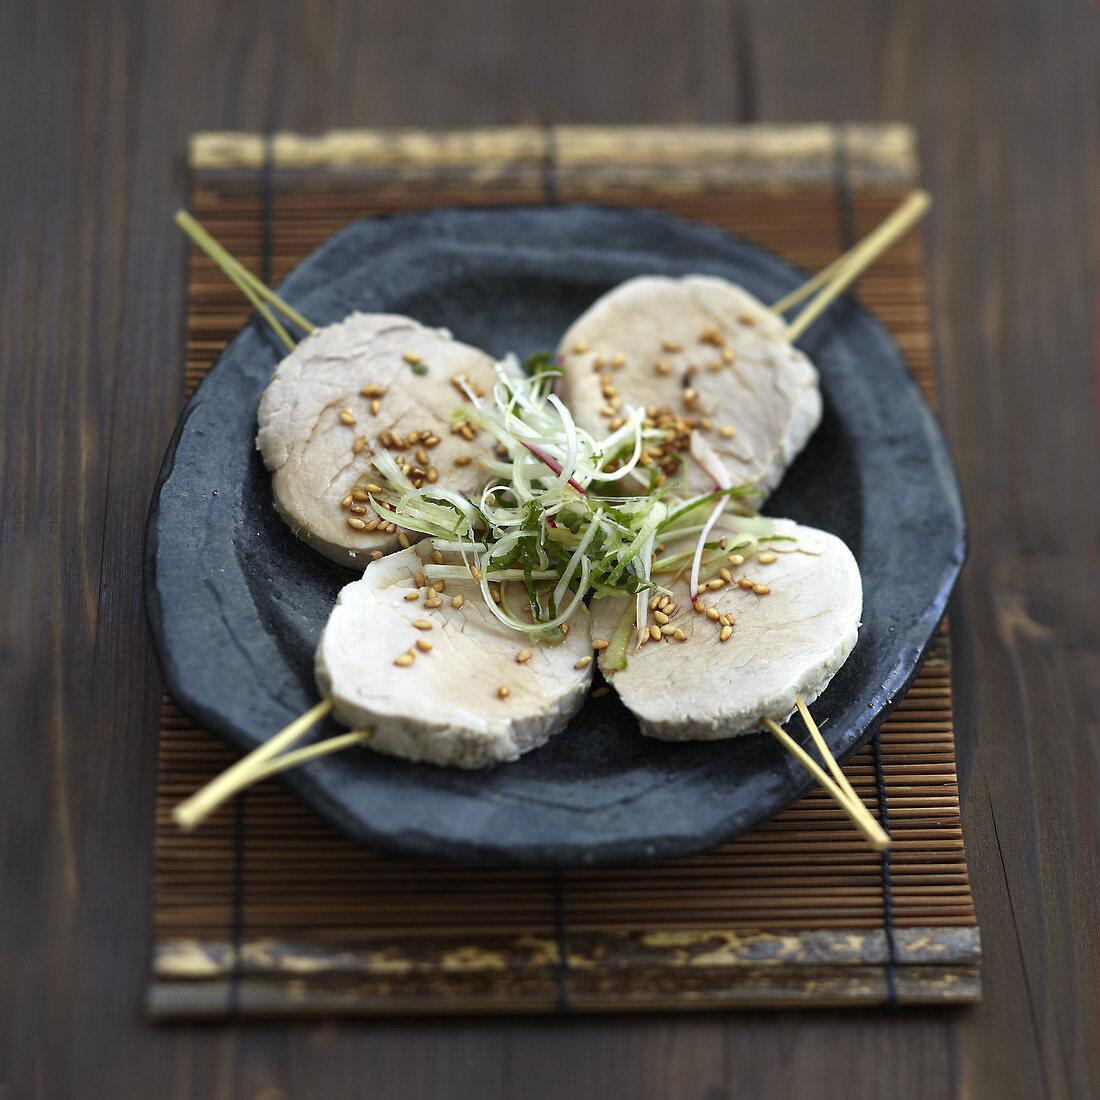 Yakitoris aus in Brühe gekochtem Schweinefleisch mit Sesamsauce